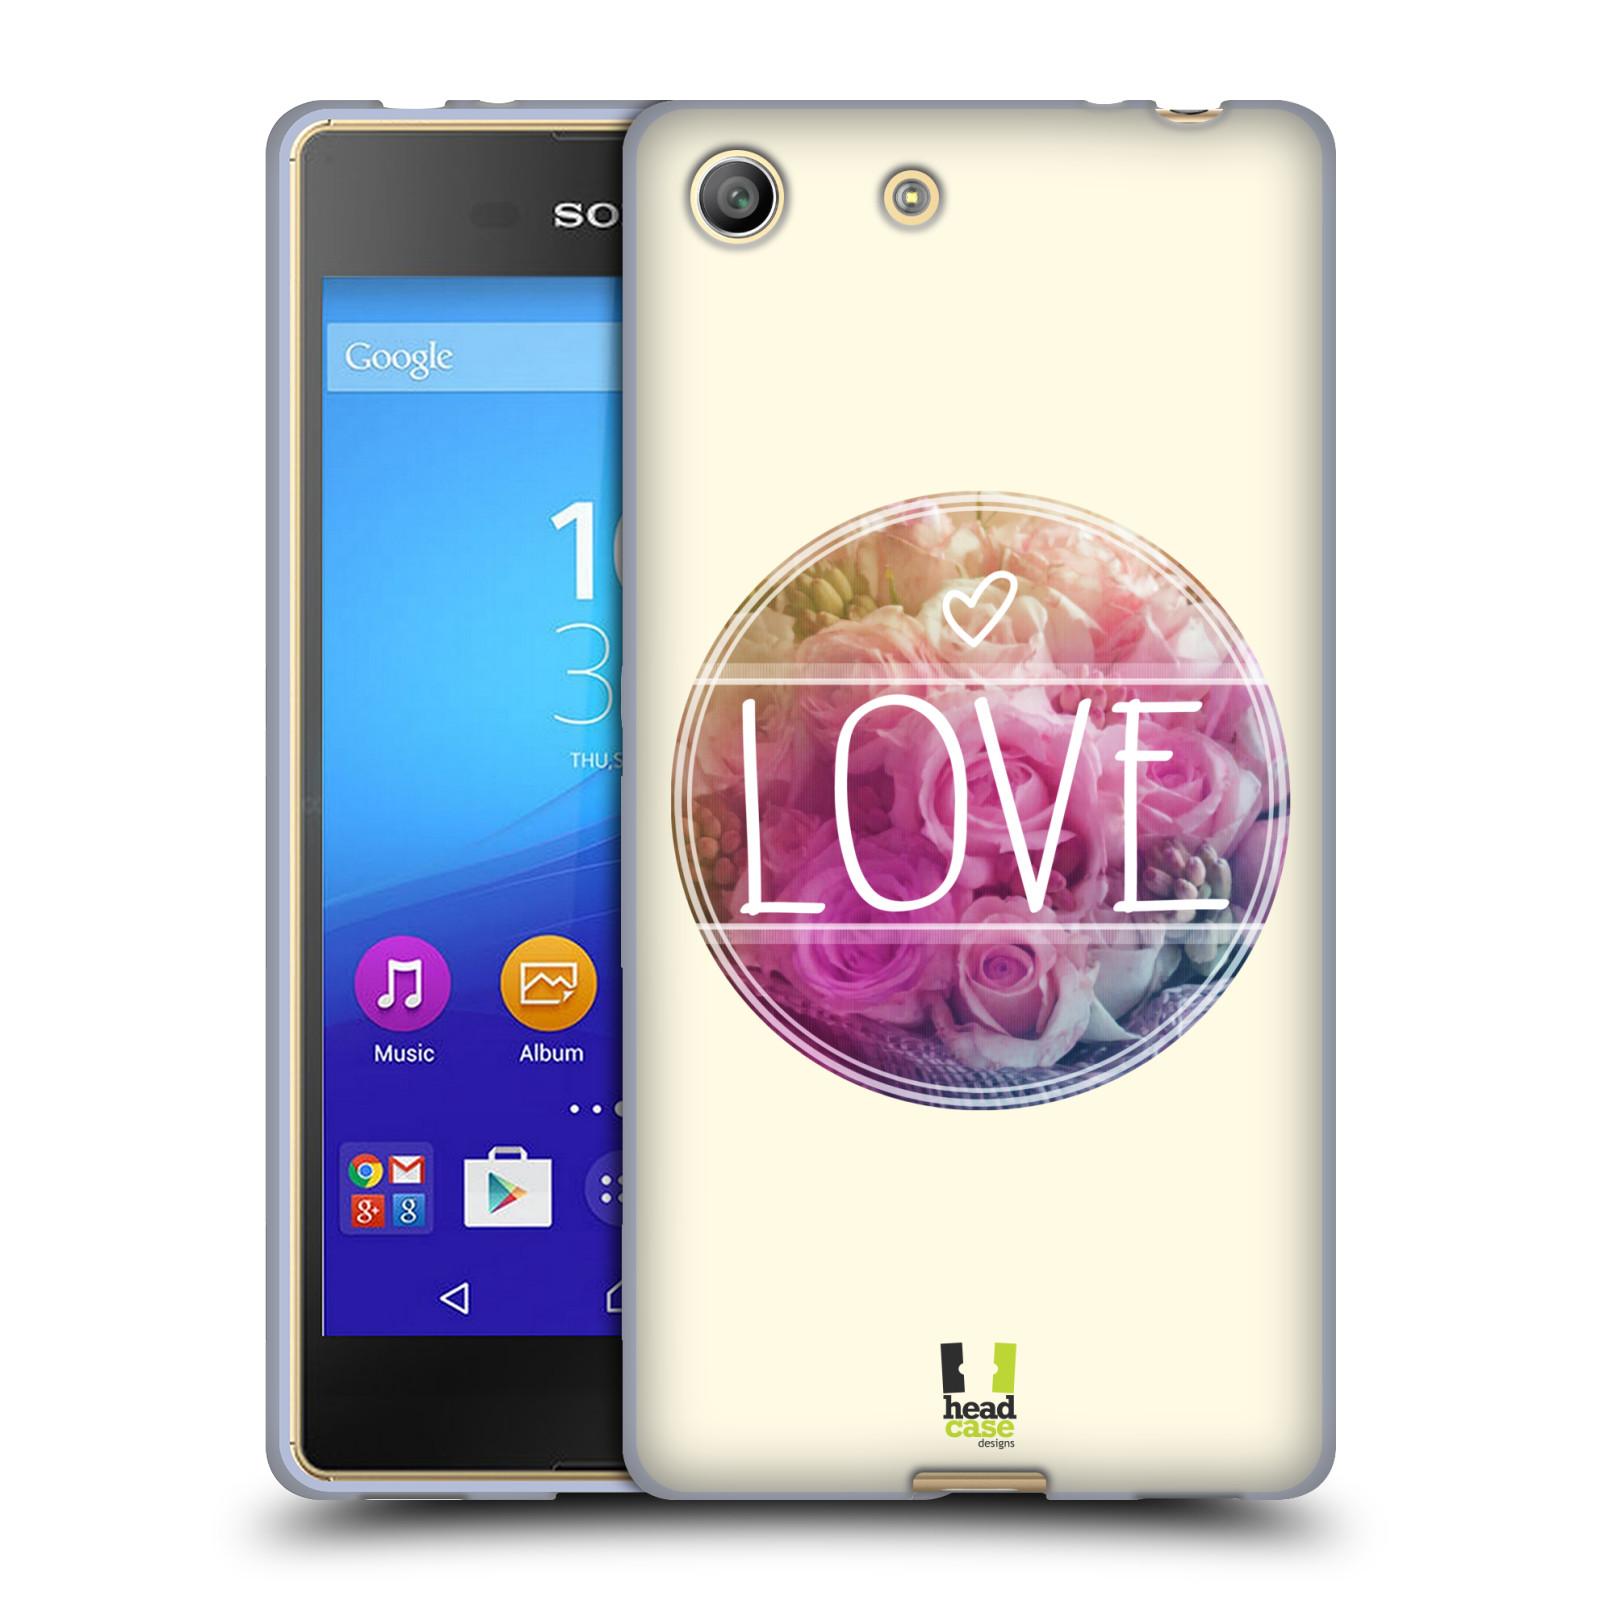 Silikonové pouzdro na mobil Sony Xperia M5 HEAD CASE INSPIRACE V KRUHU LÁSKA (Silikonový kryt či obal na mobilní telefon Sony Xperia M5 Dual SIM / Aqua)